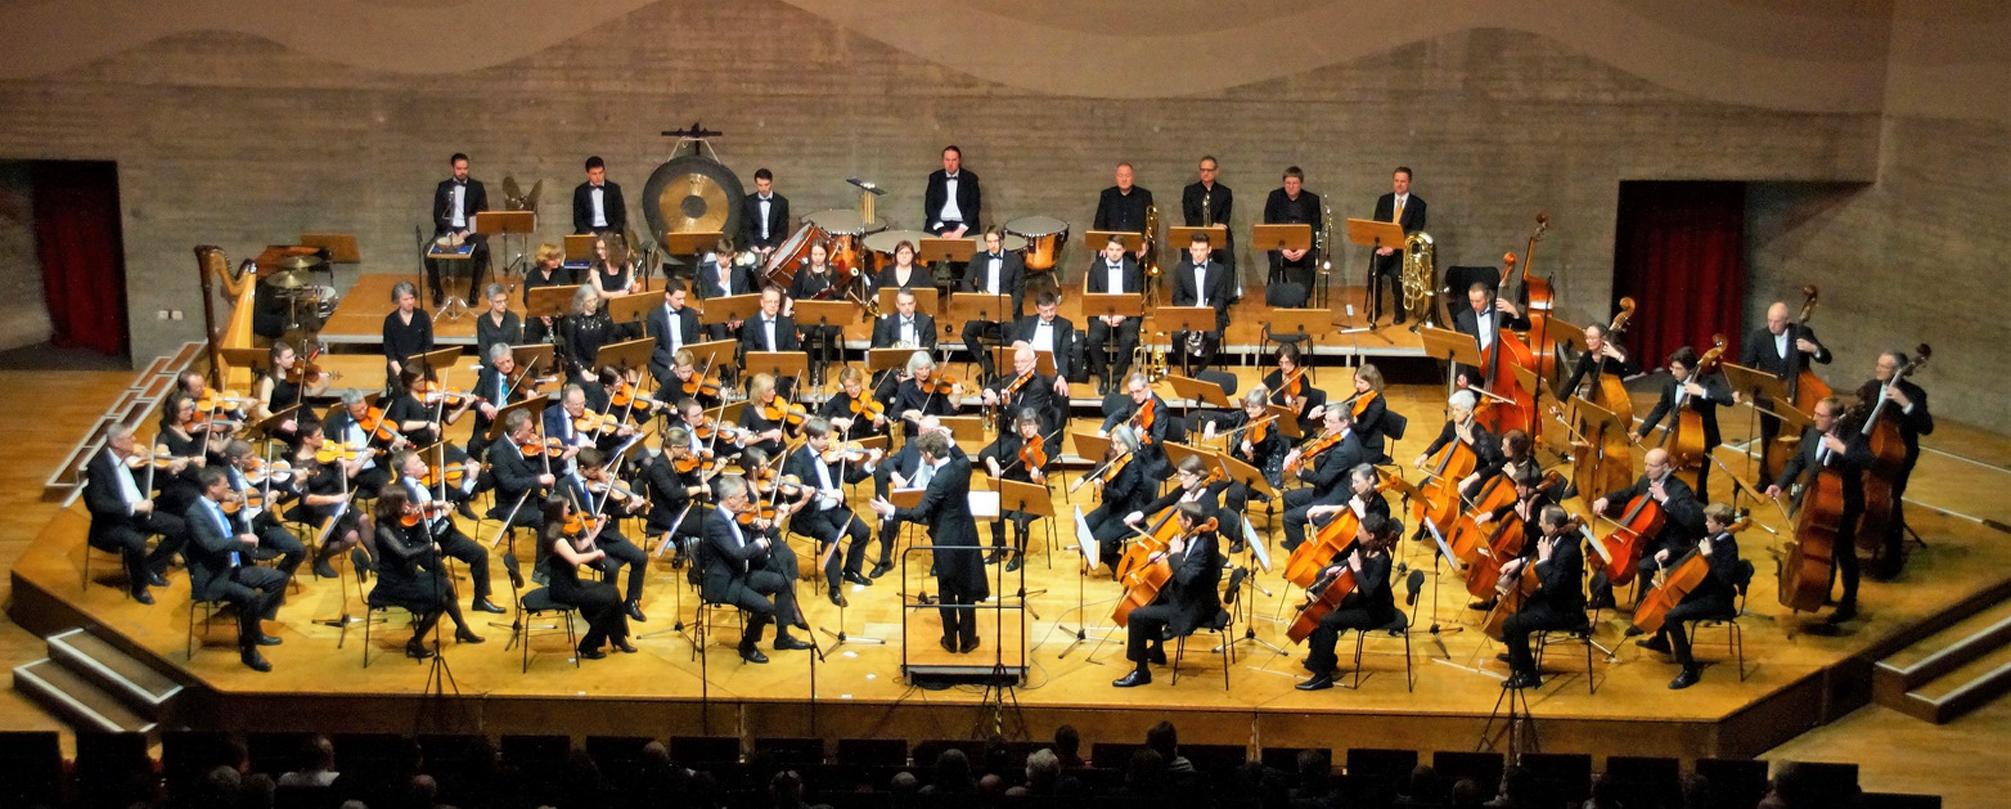 Das Orchester am Singrün Regensburg gastiert mit großer Besetzung (ca. 90 Musiker) in der OGO-Sporthalle Oberviechtach. Foto: Stefan Weinert